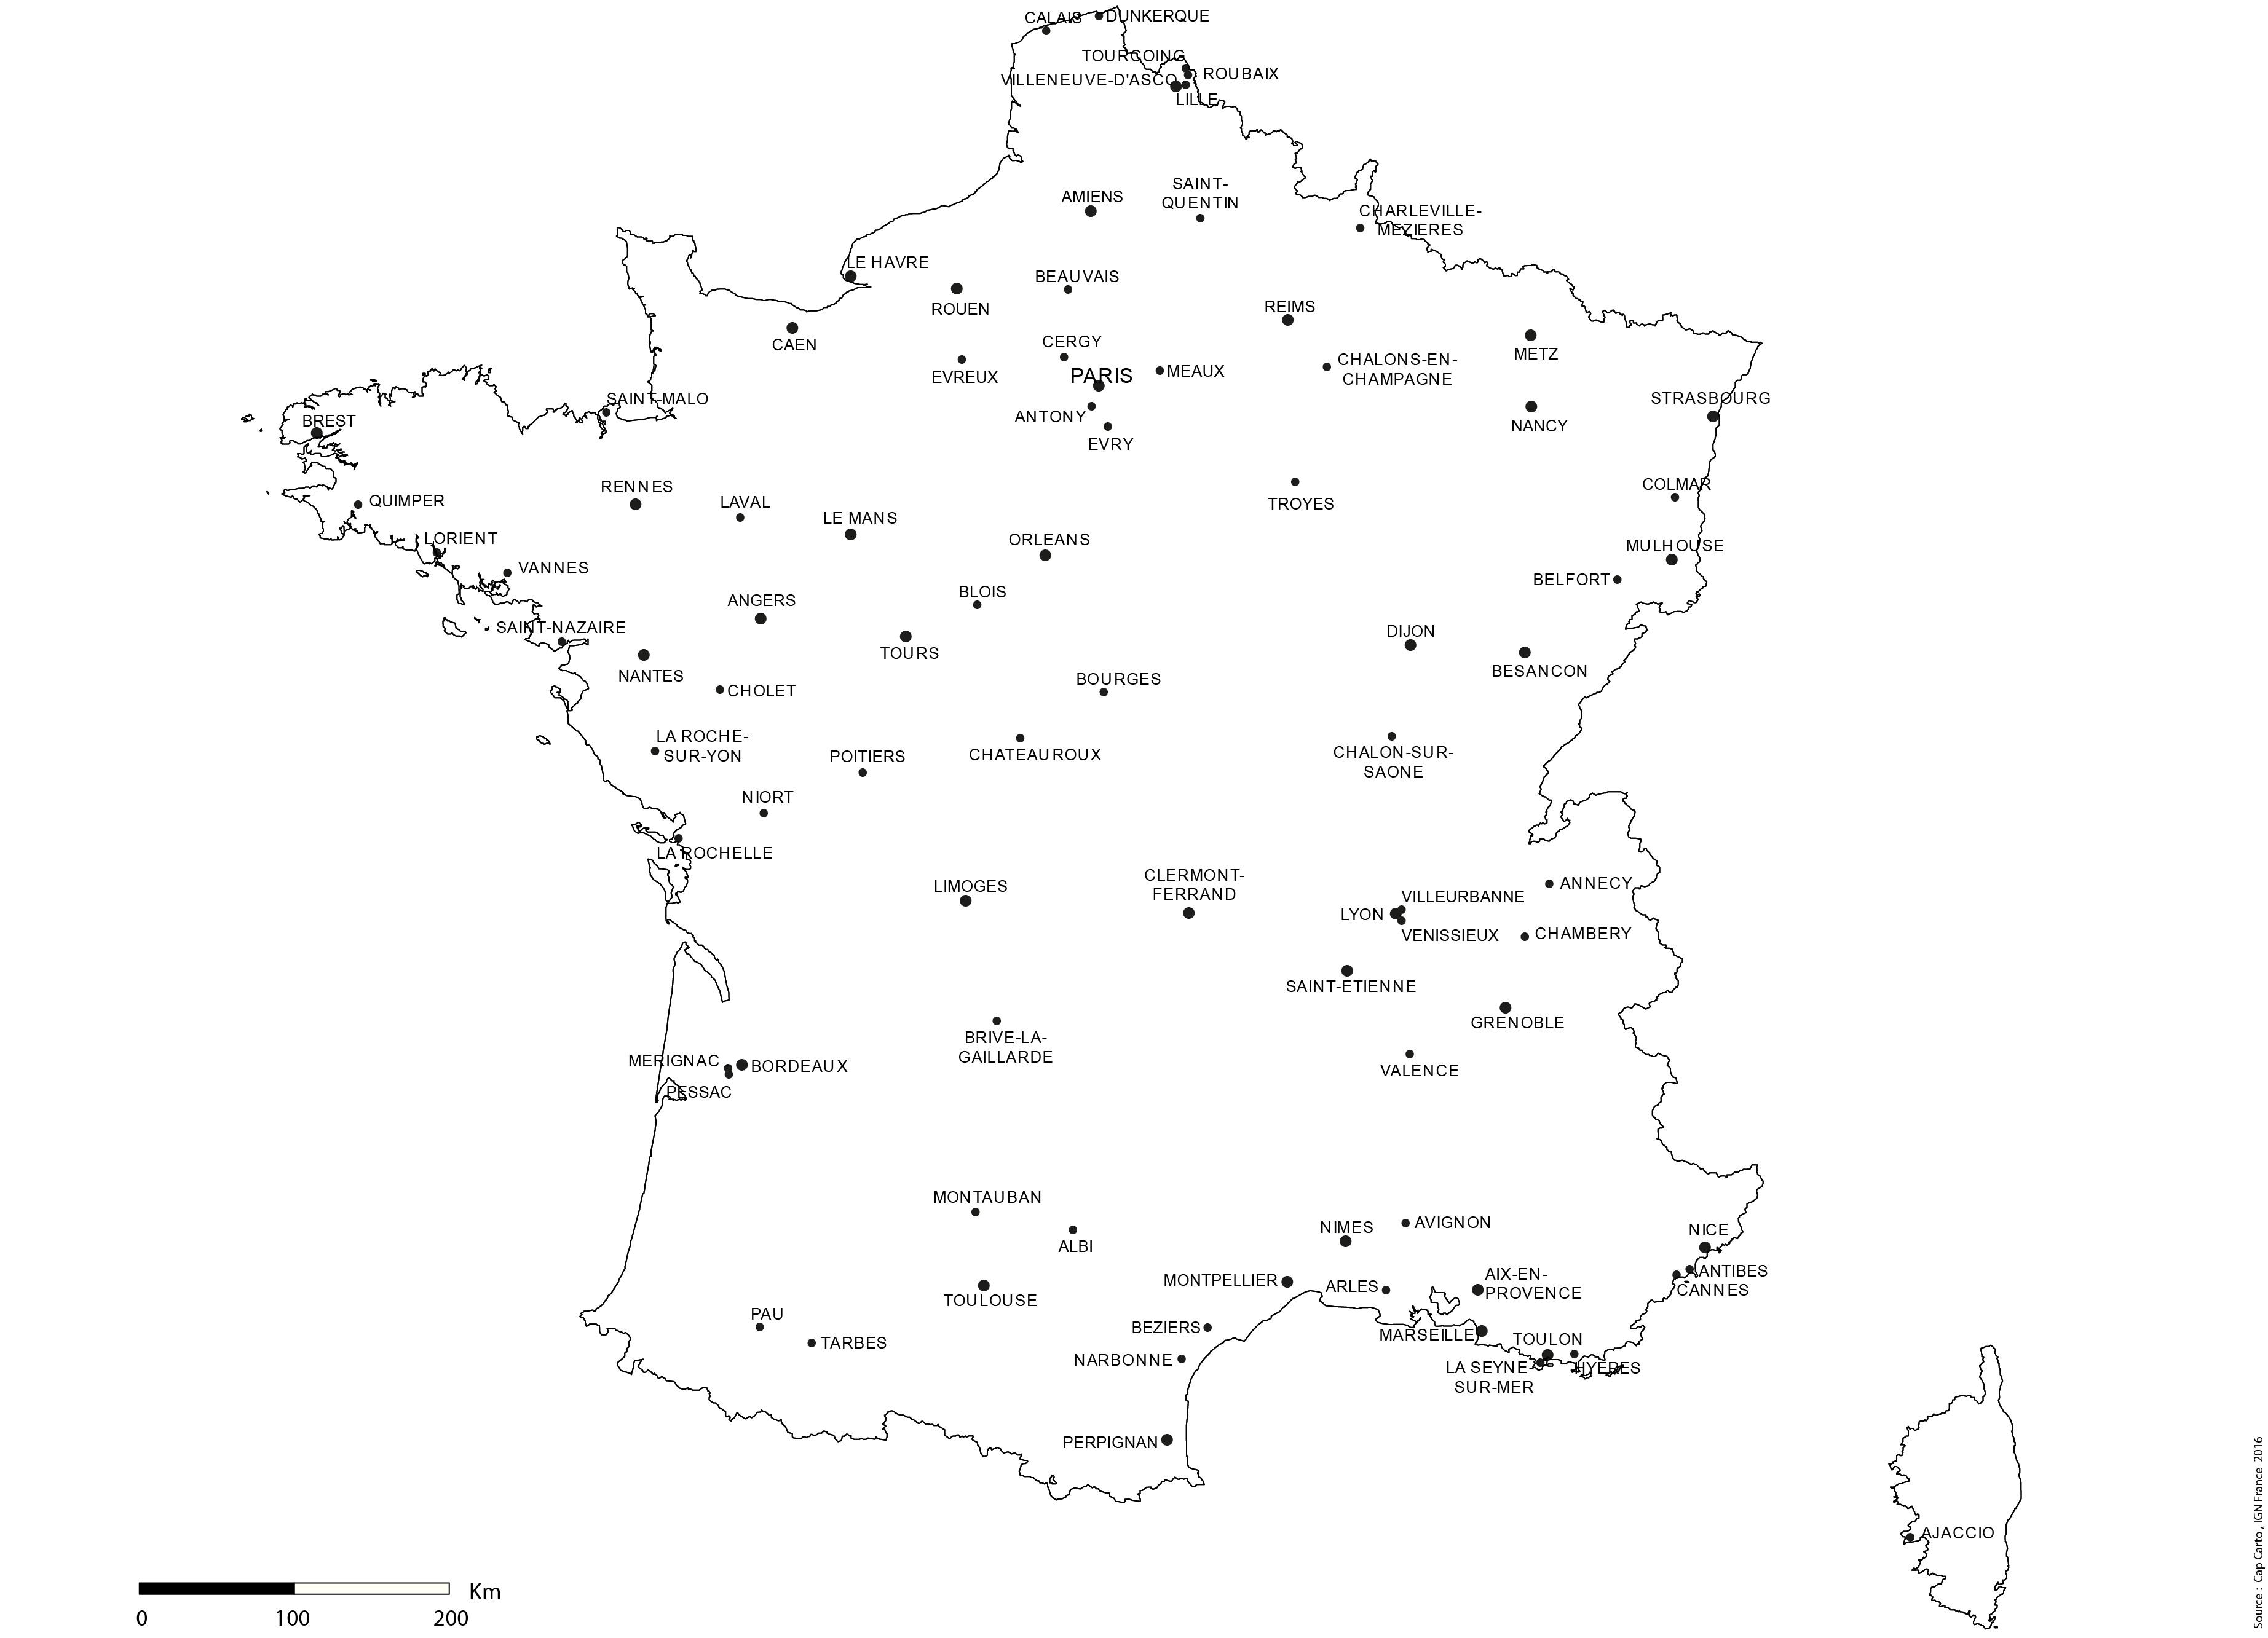 France Villes Lambert93 Villes Sup 45000 Echelle Noms Cap